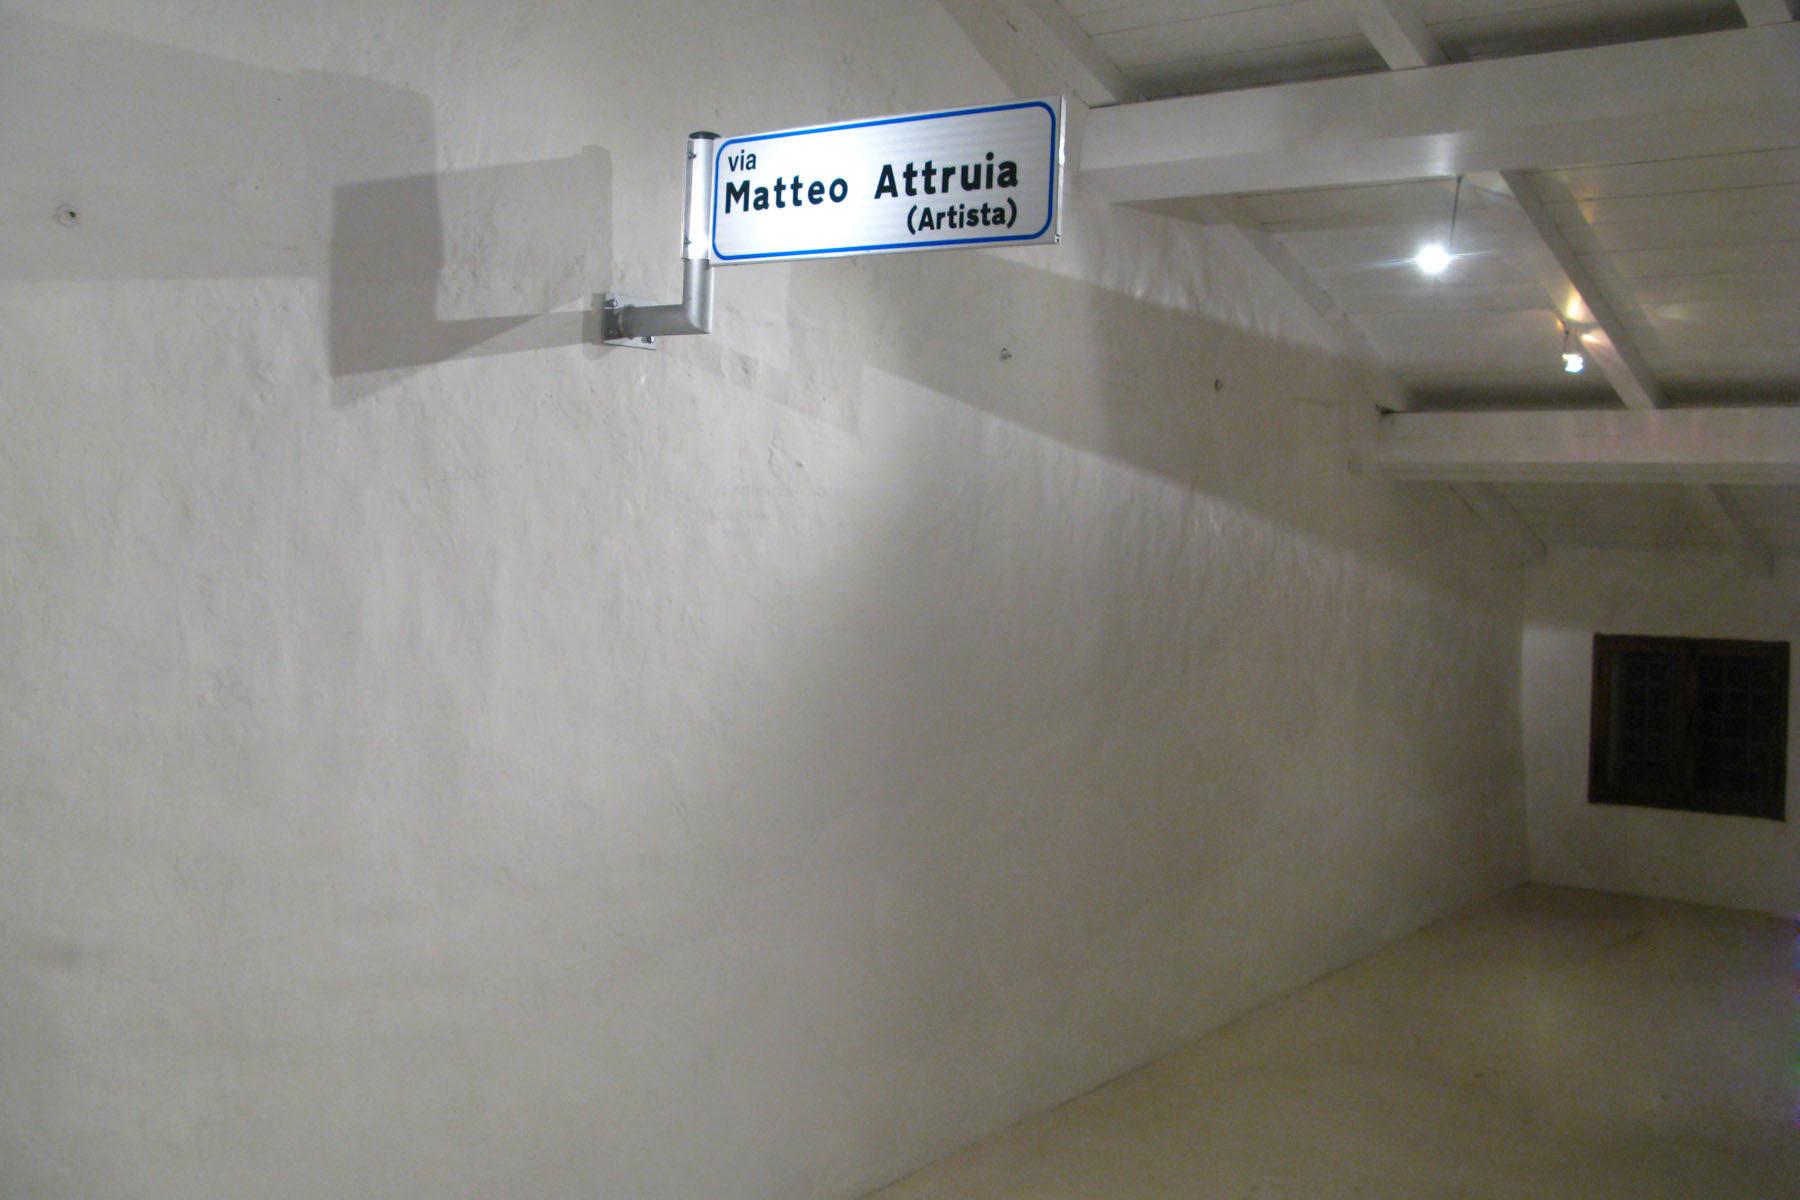 Matteo Attruia, via matteo attruia impiegato-artista,digital print, aluminium, 25 x 86 cm (a)